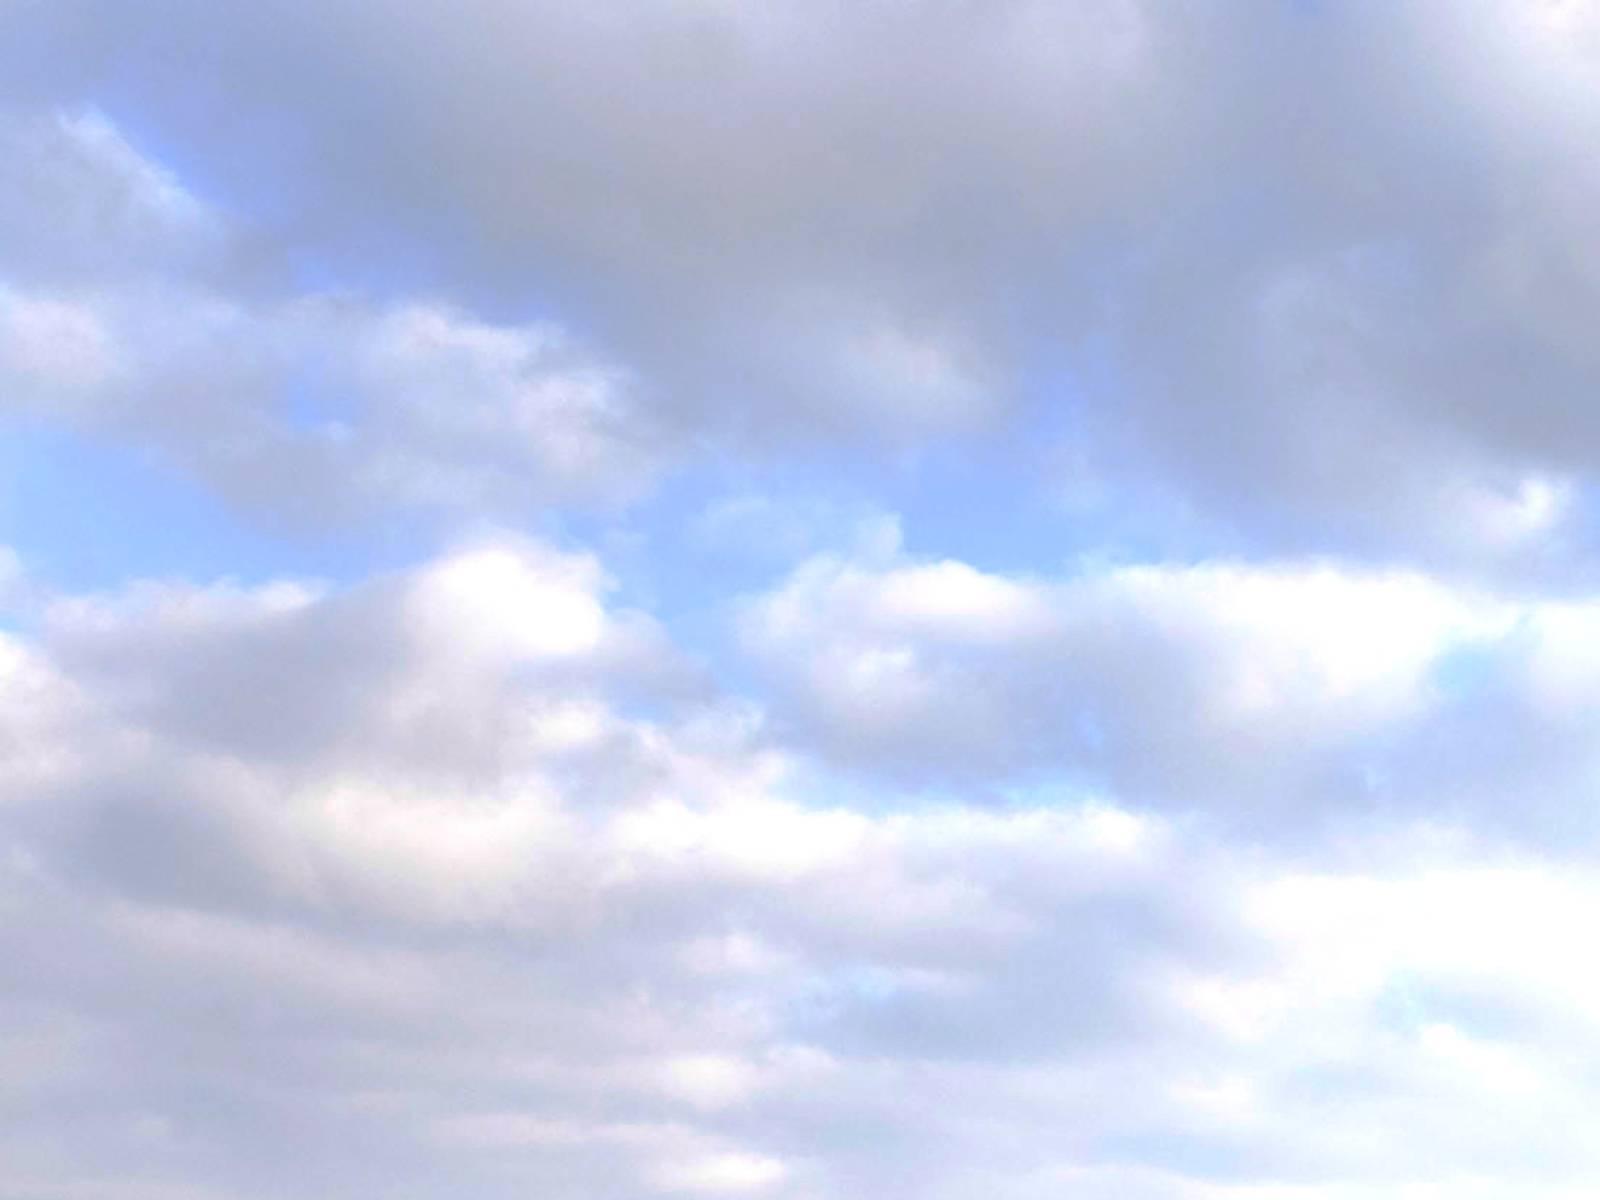 Schönwetterwolken und blauer Himmel